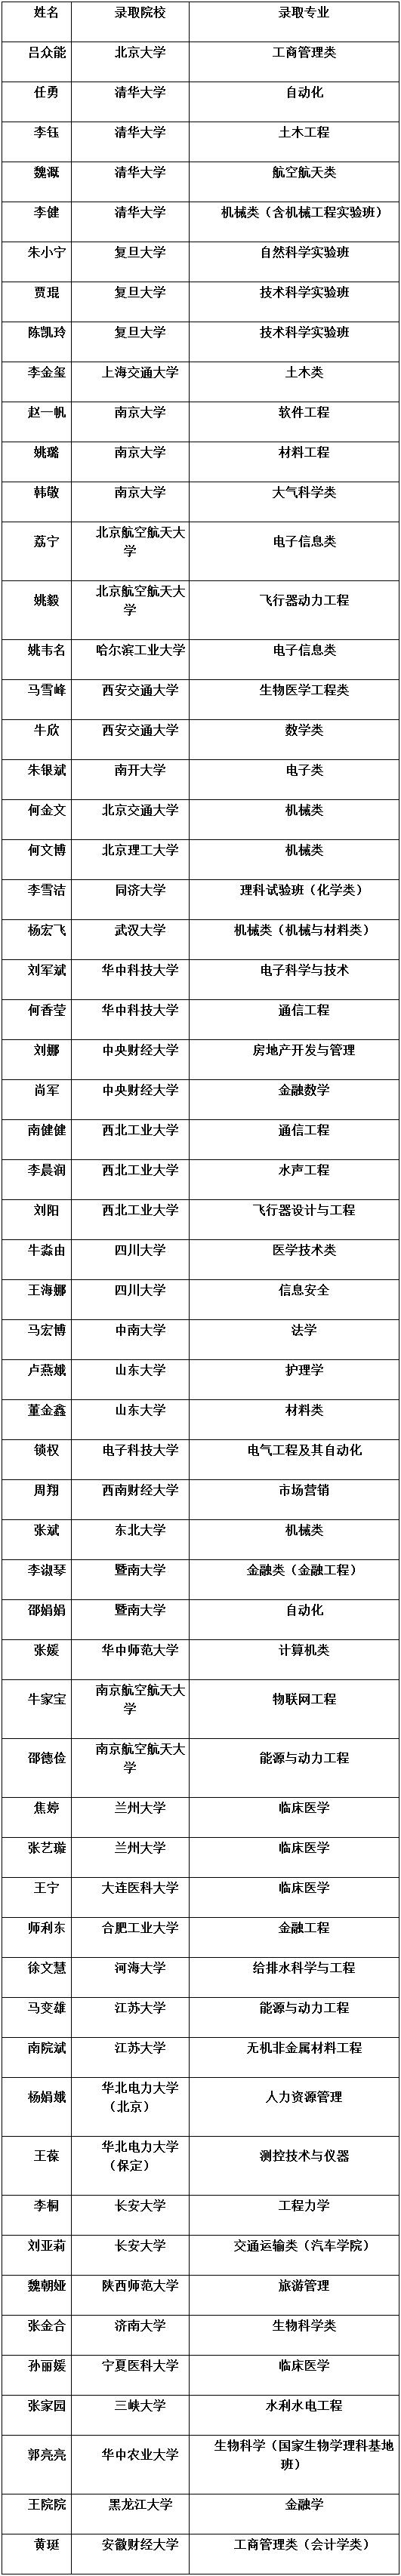 百岁老常委宋平春节后亮相海南(图)